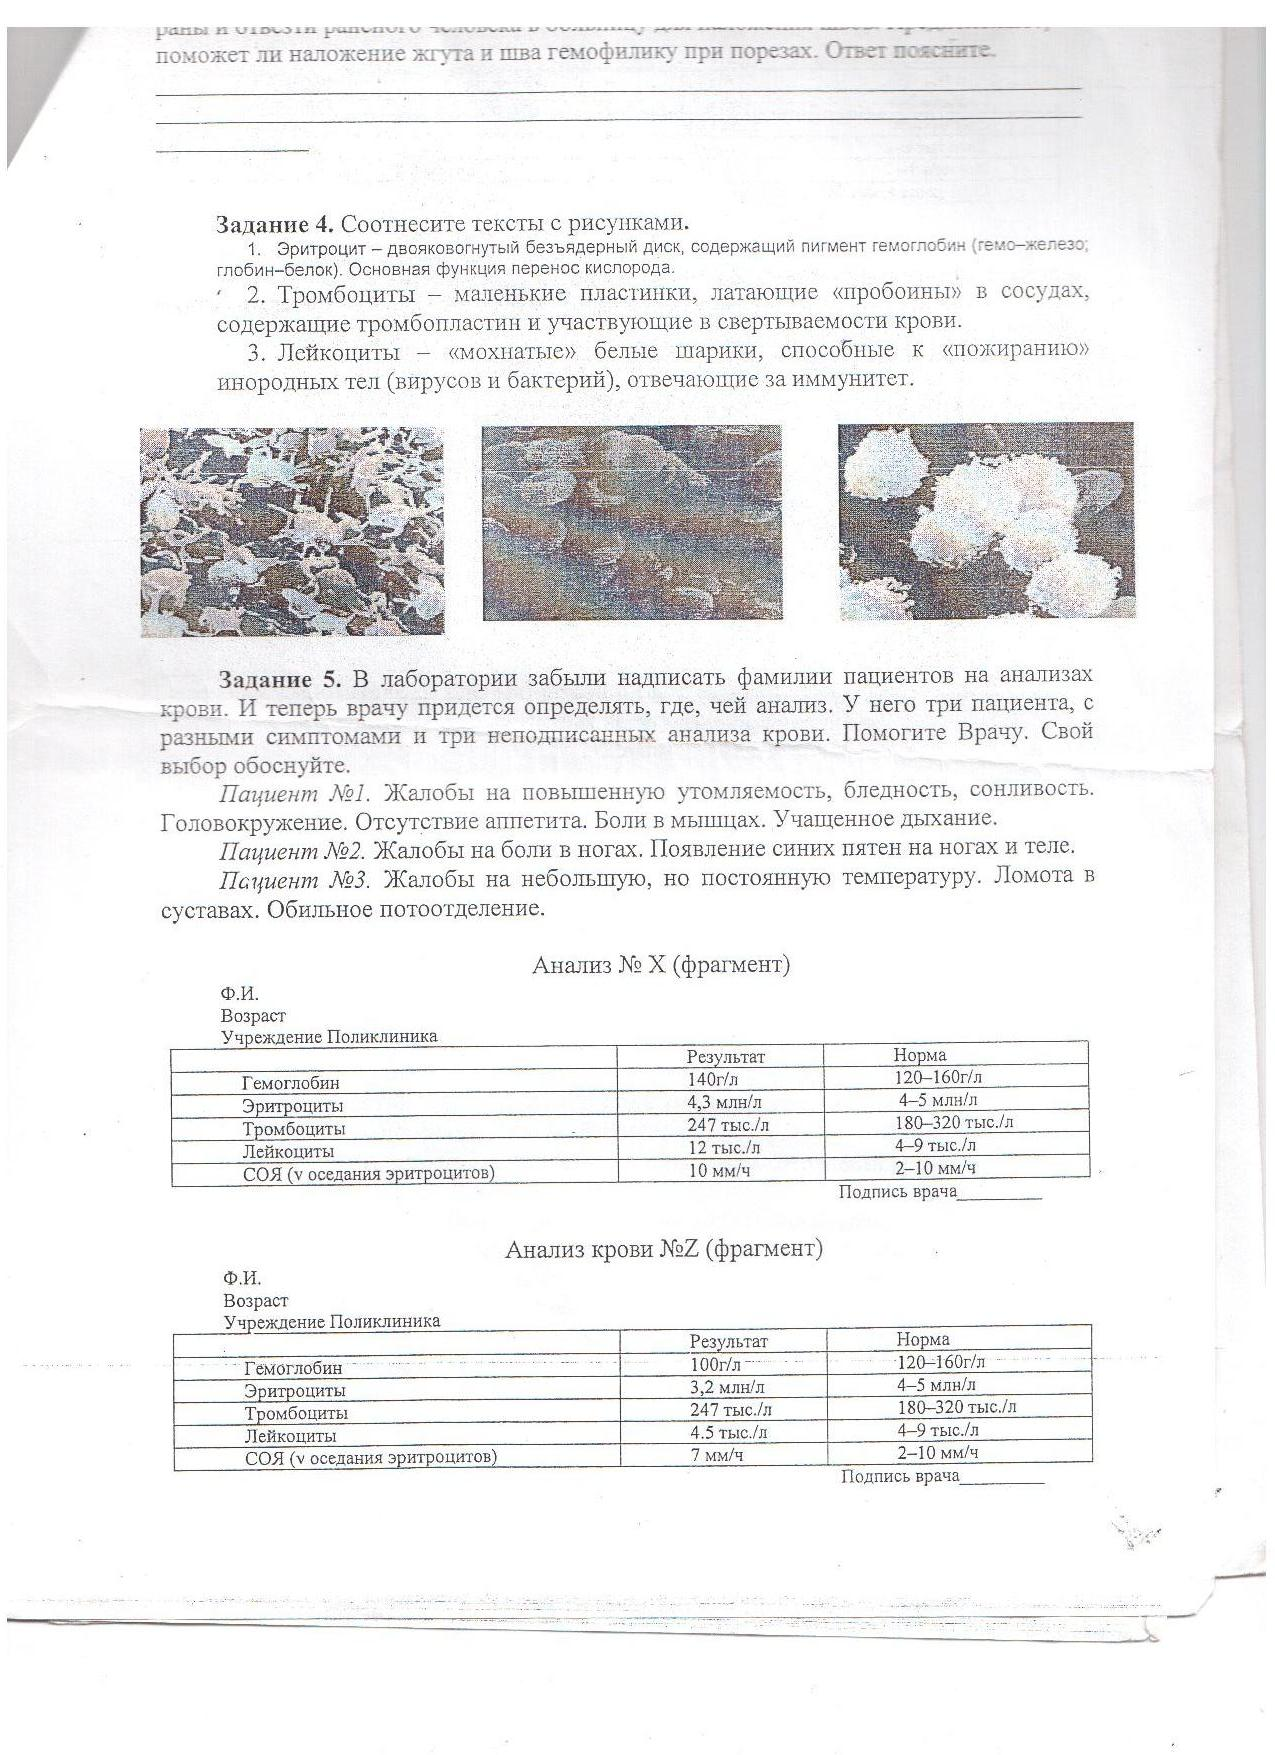 Описание: C:\Documents and Settings\User\Мои документы\Мои рисунки\Изображение\Изображение 055.jpg